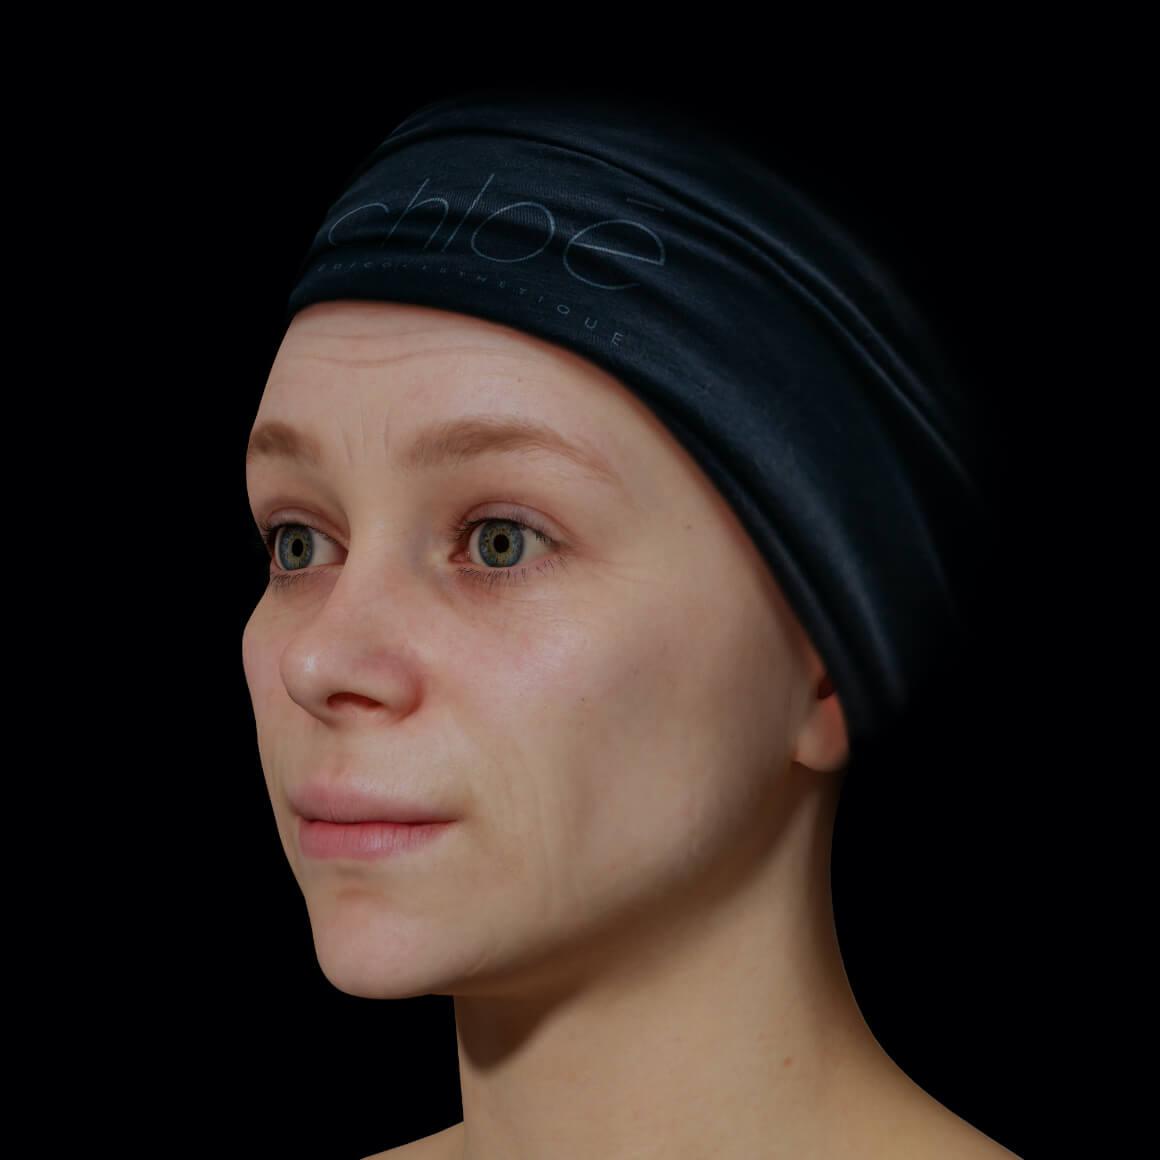 Une patiente de la Clinique Chloé positionné en angle démontrant rides et ridules au niveau du visage